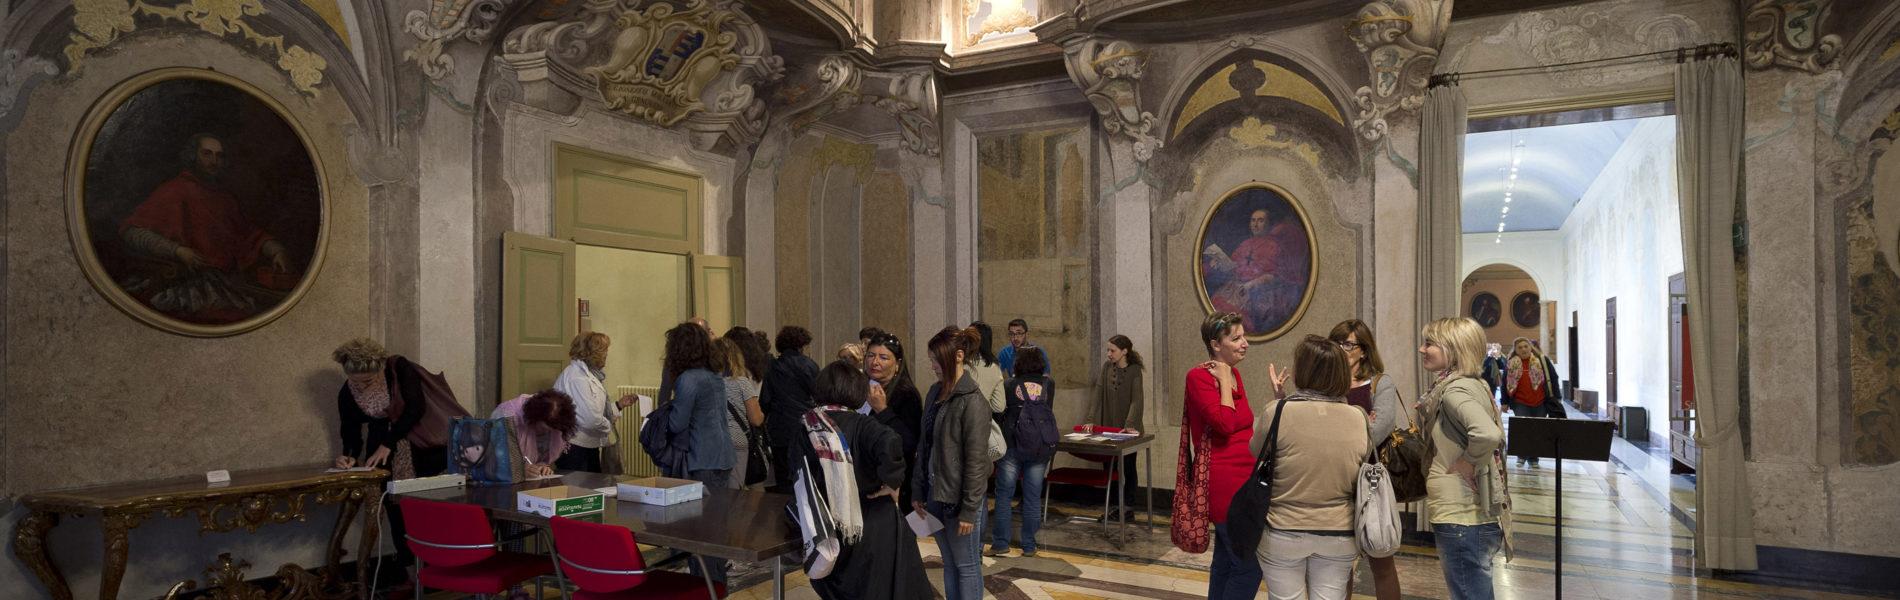 Educazione alla Cittadinanza - Alfonfo M. Iacono, Giovanni Mari,